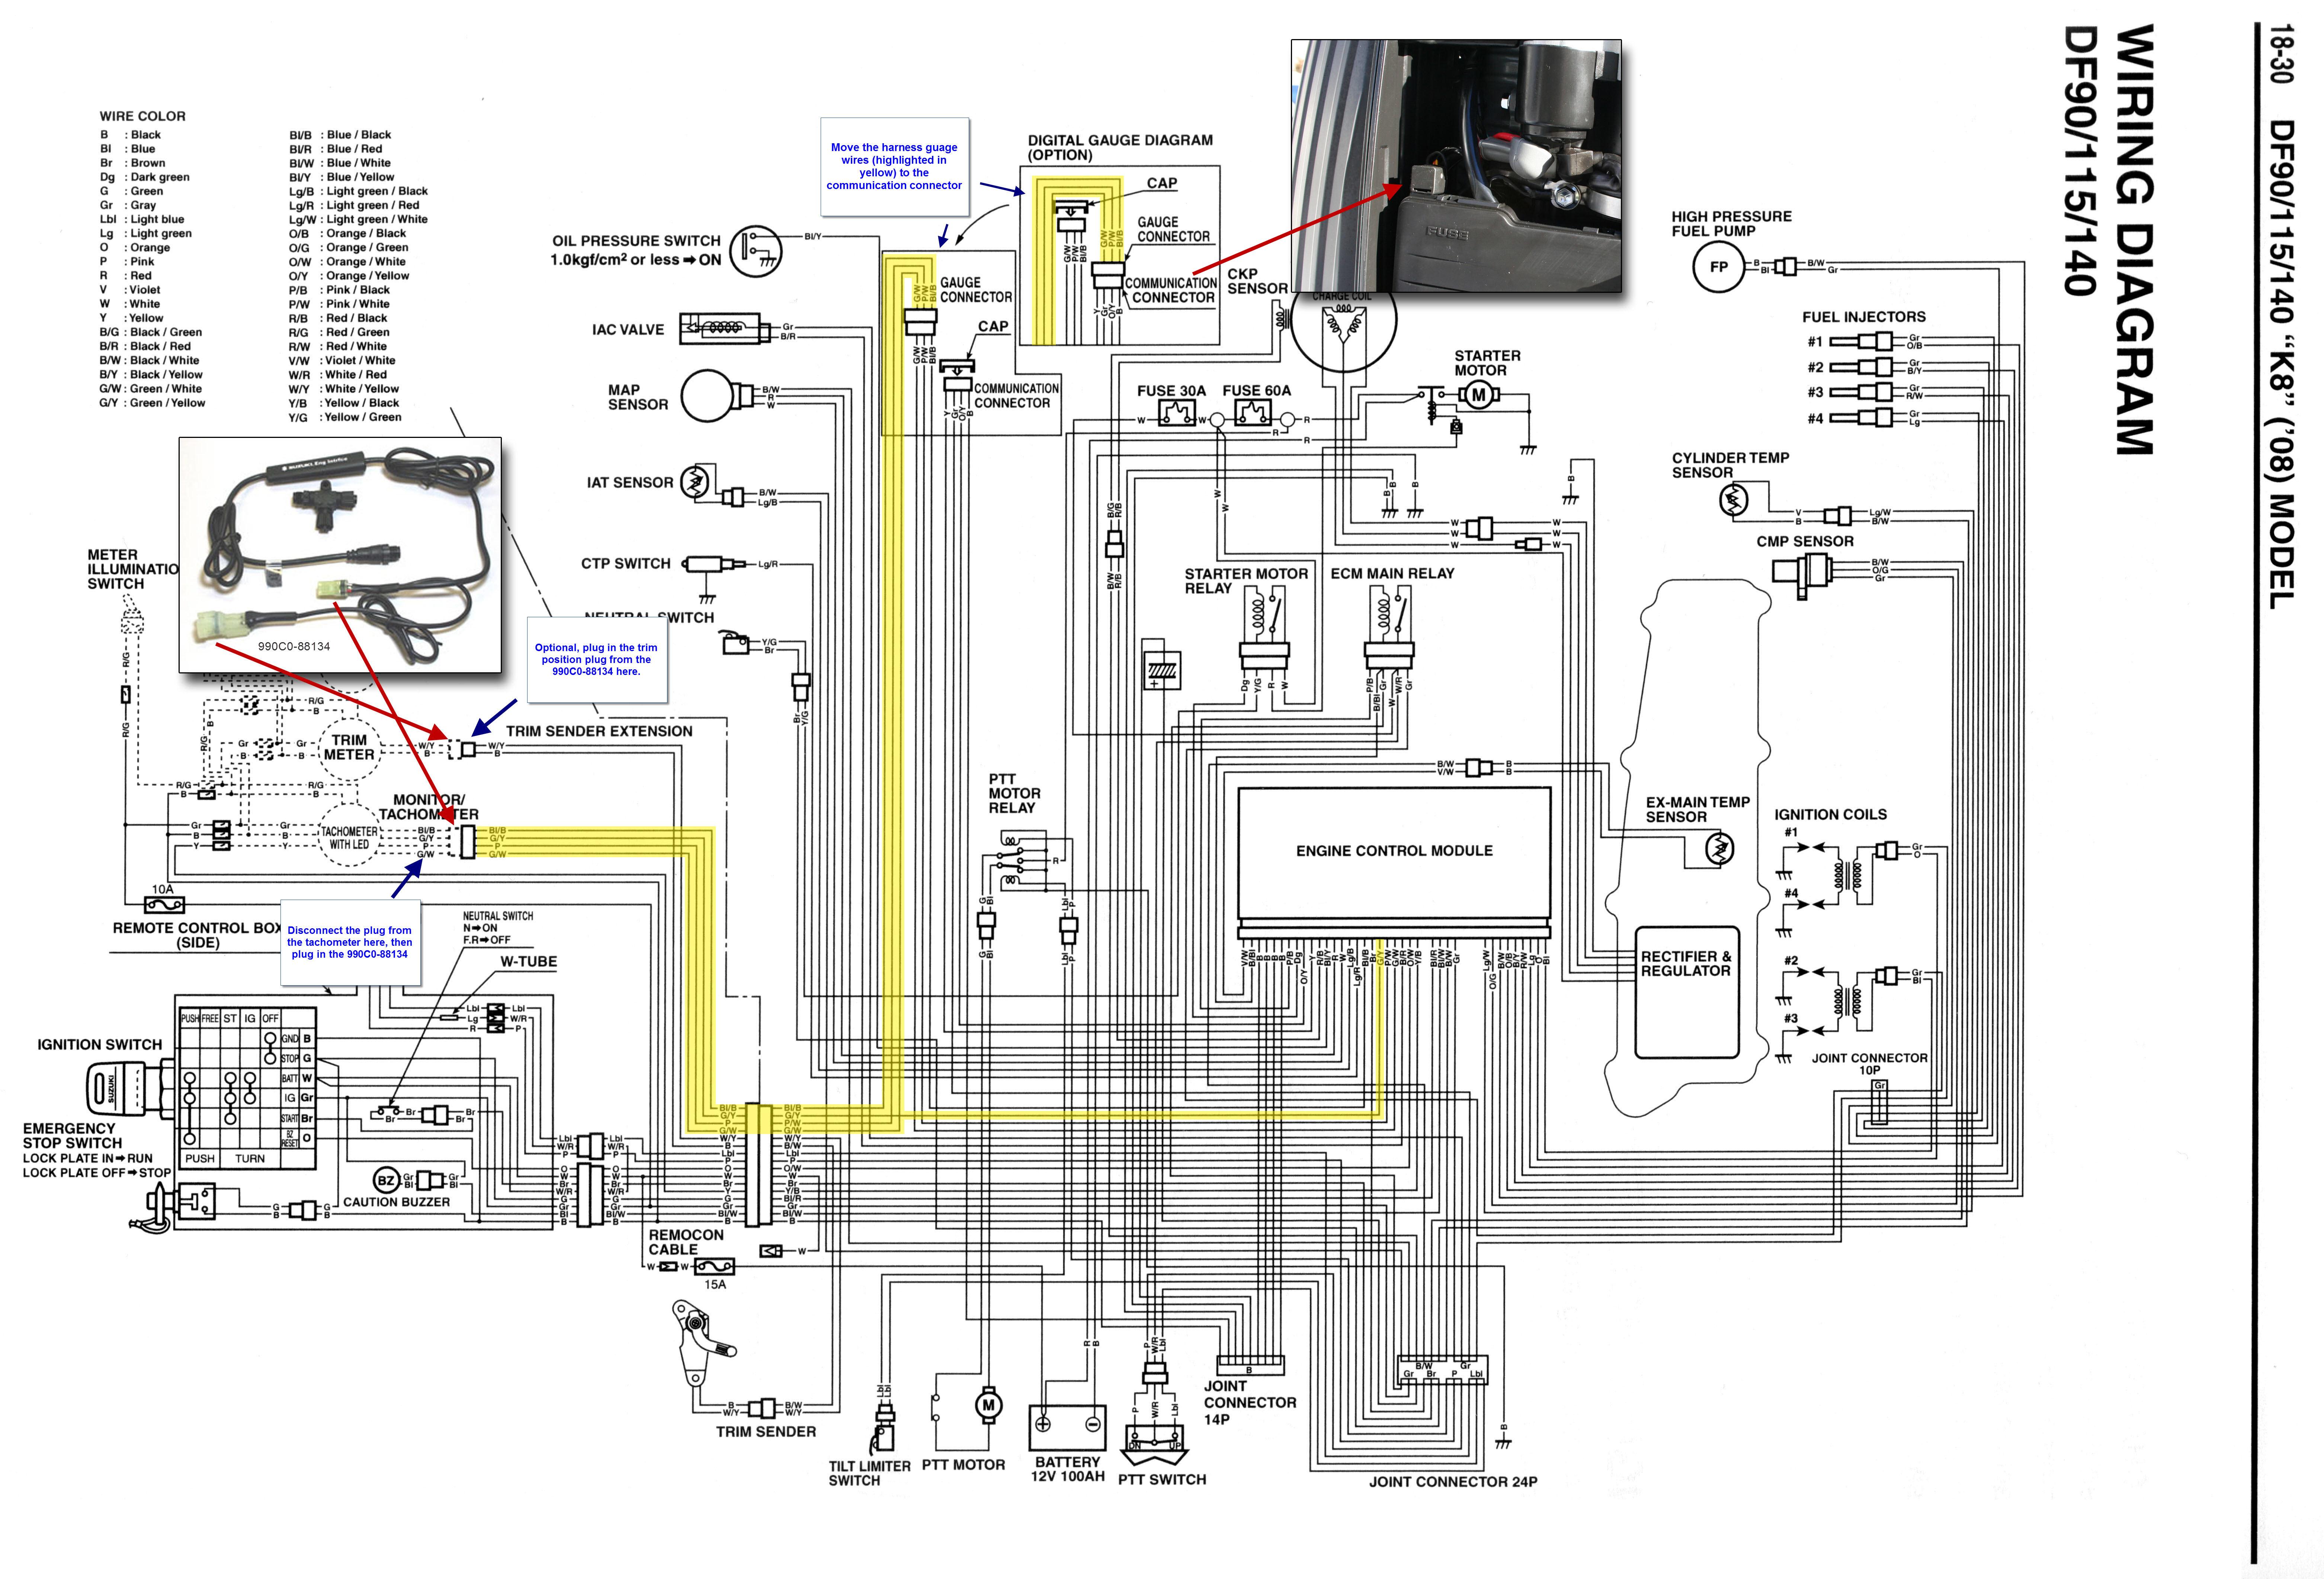 Magnificent Suzuki Df140 Wiring Diagram Wiring Diagram Wiring Cloud Ostrrenstrafr09Org